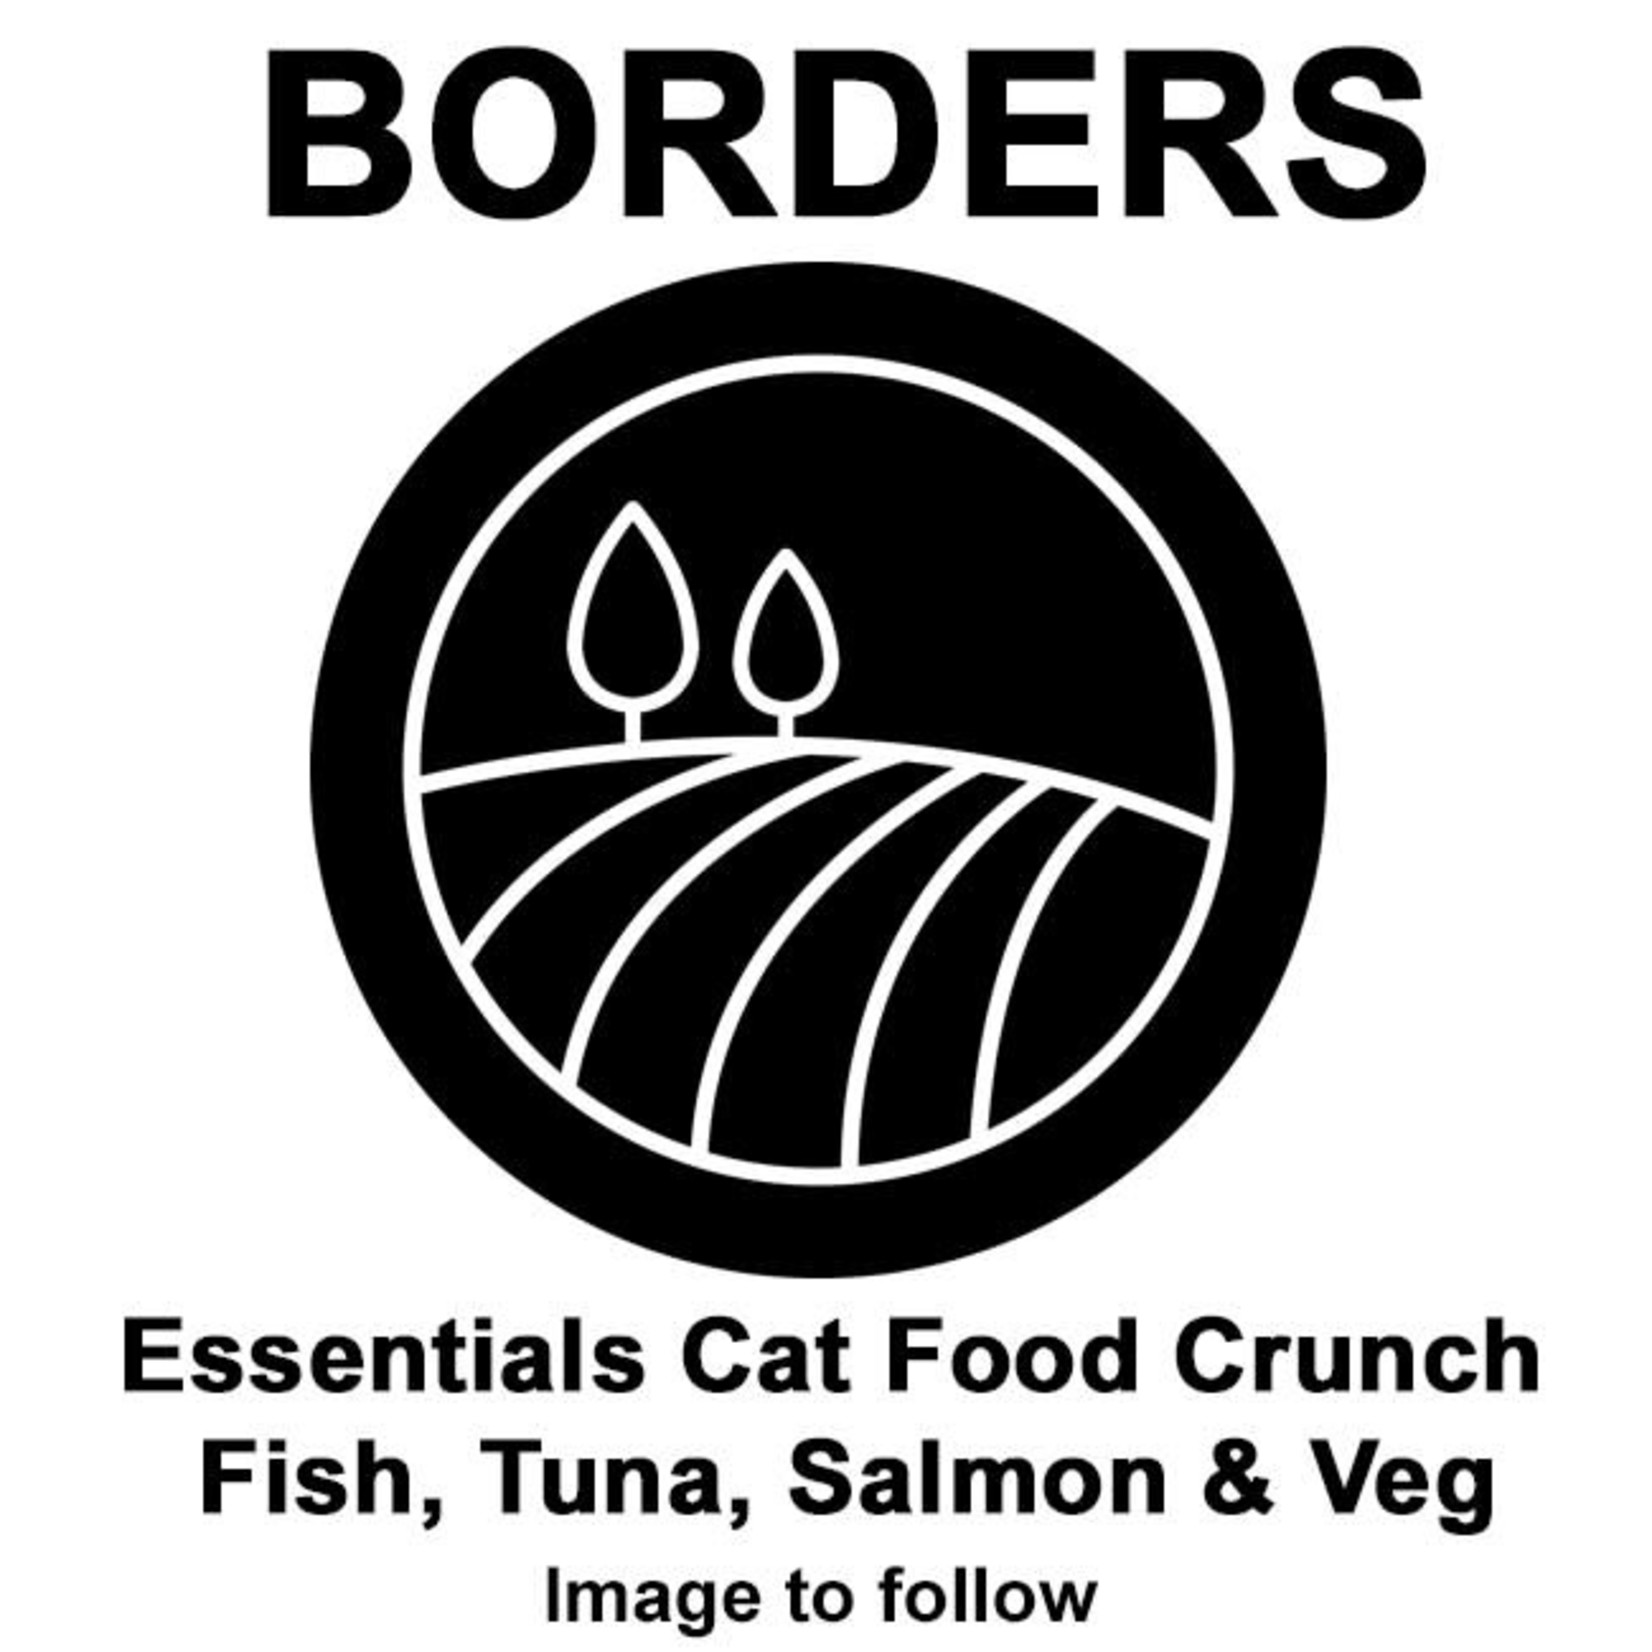 Borders Essentials Cat Food Crunch Fish, Tuna, Salmon & Veg 10kg